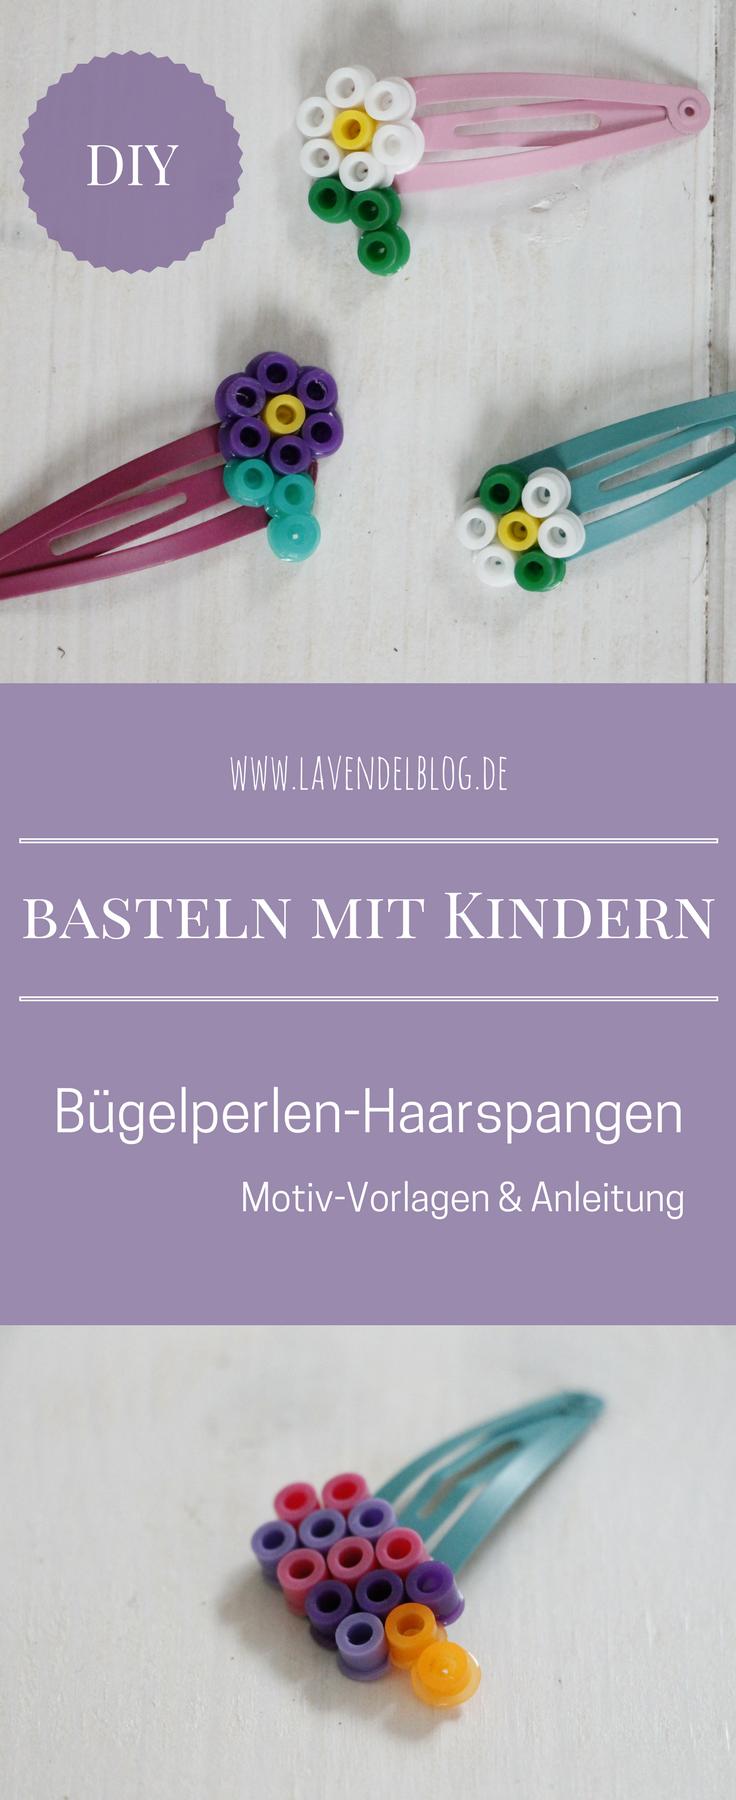 Basteln mit Kindern: Bügelperlen-Haarspangen – Lavendelblog